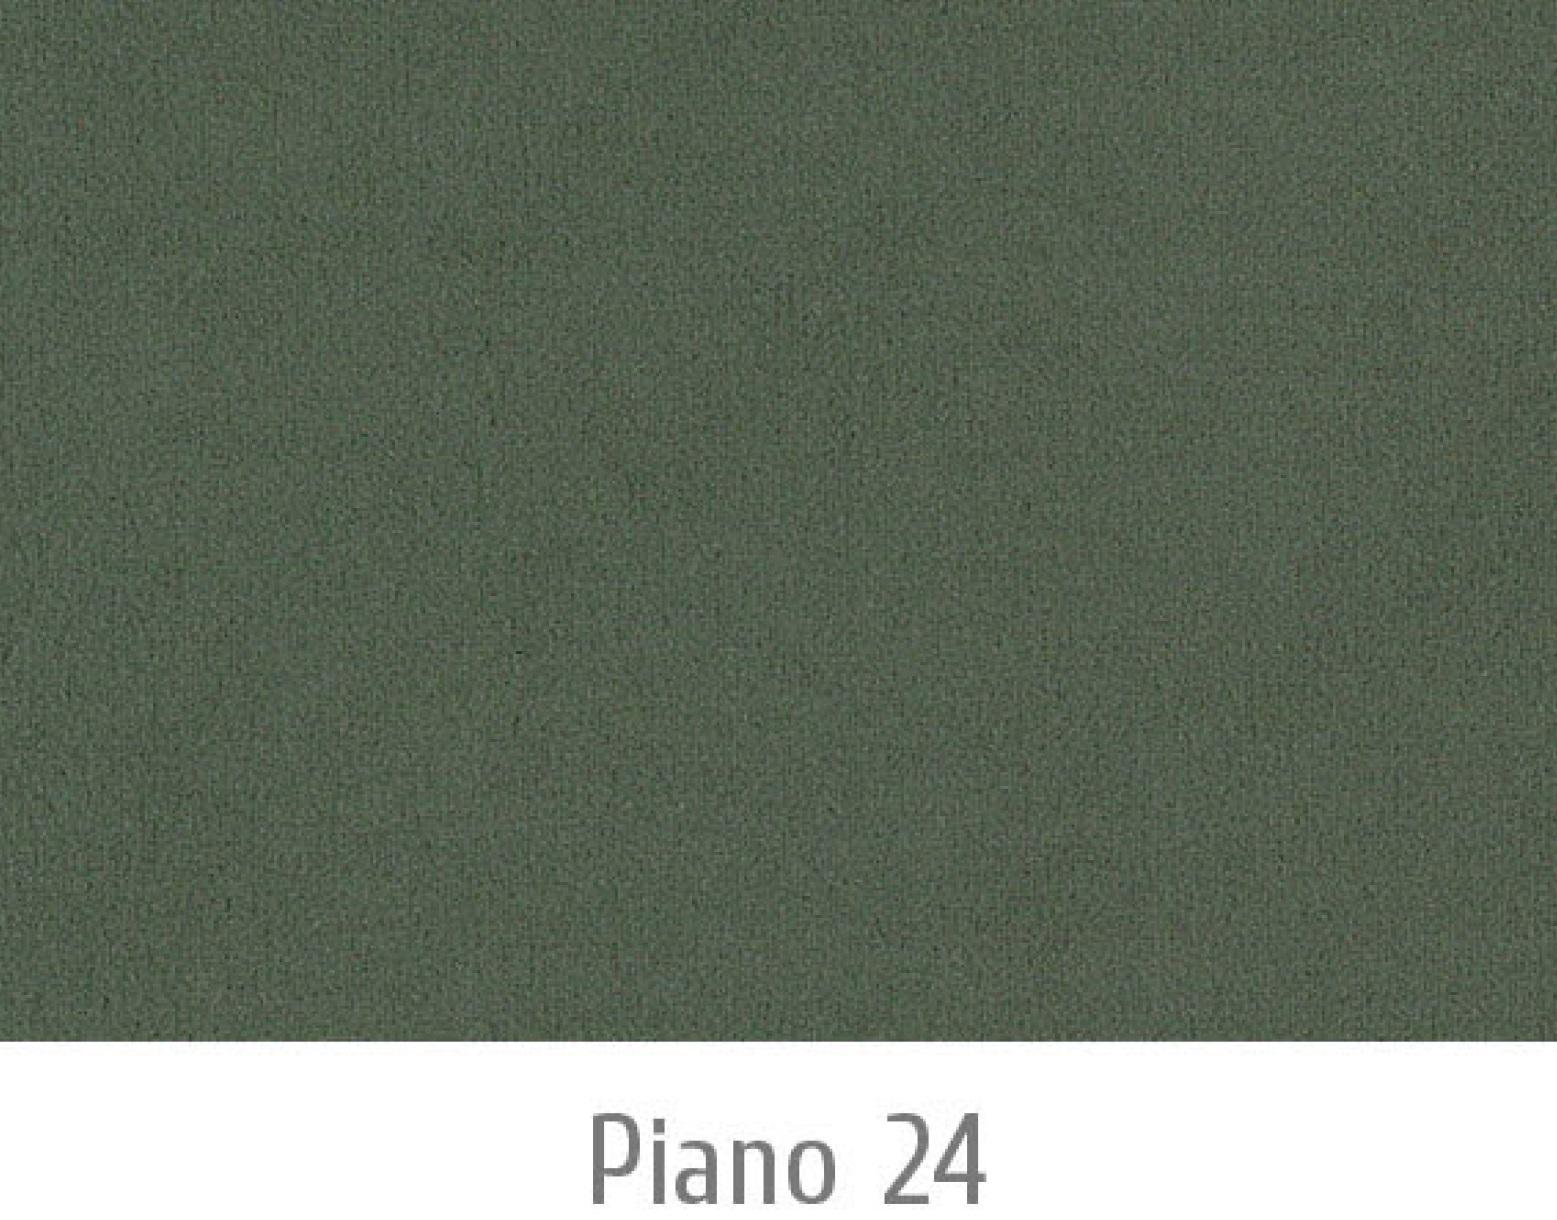 Piano24